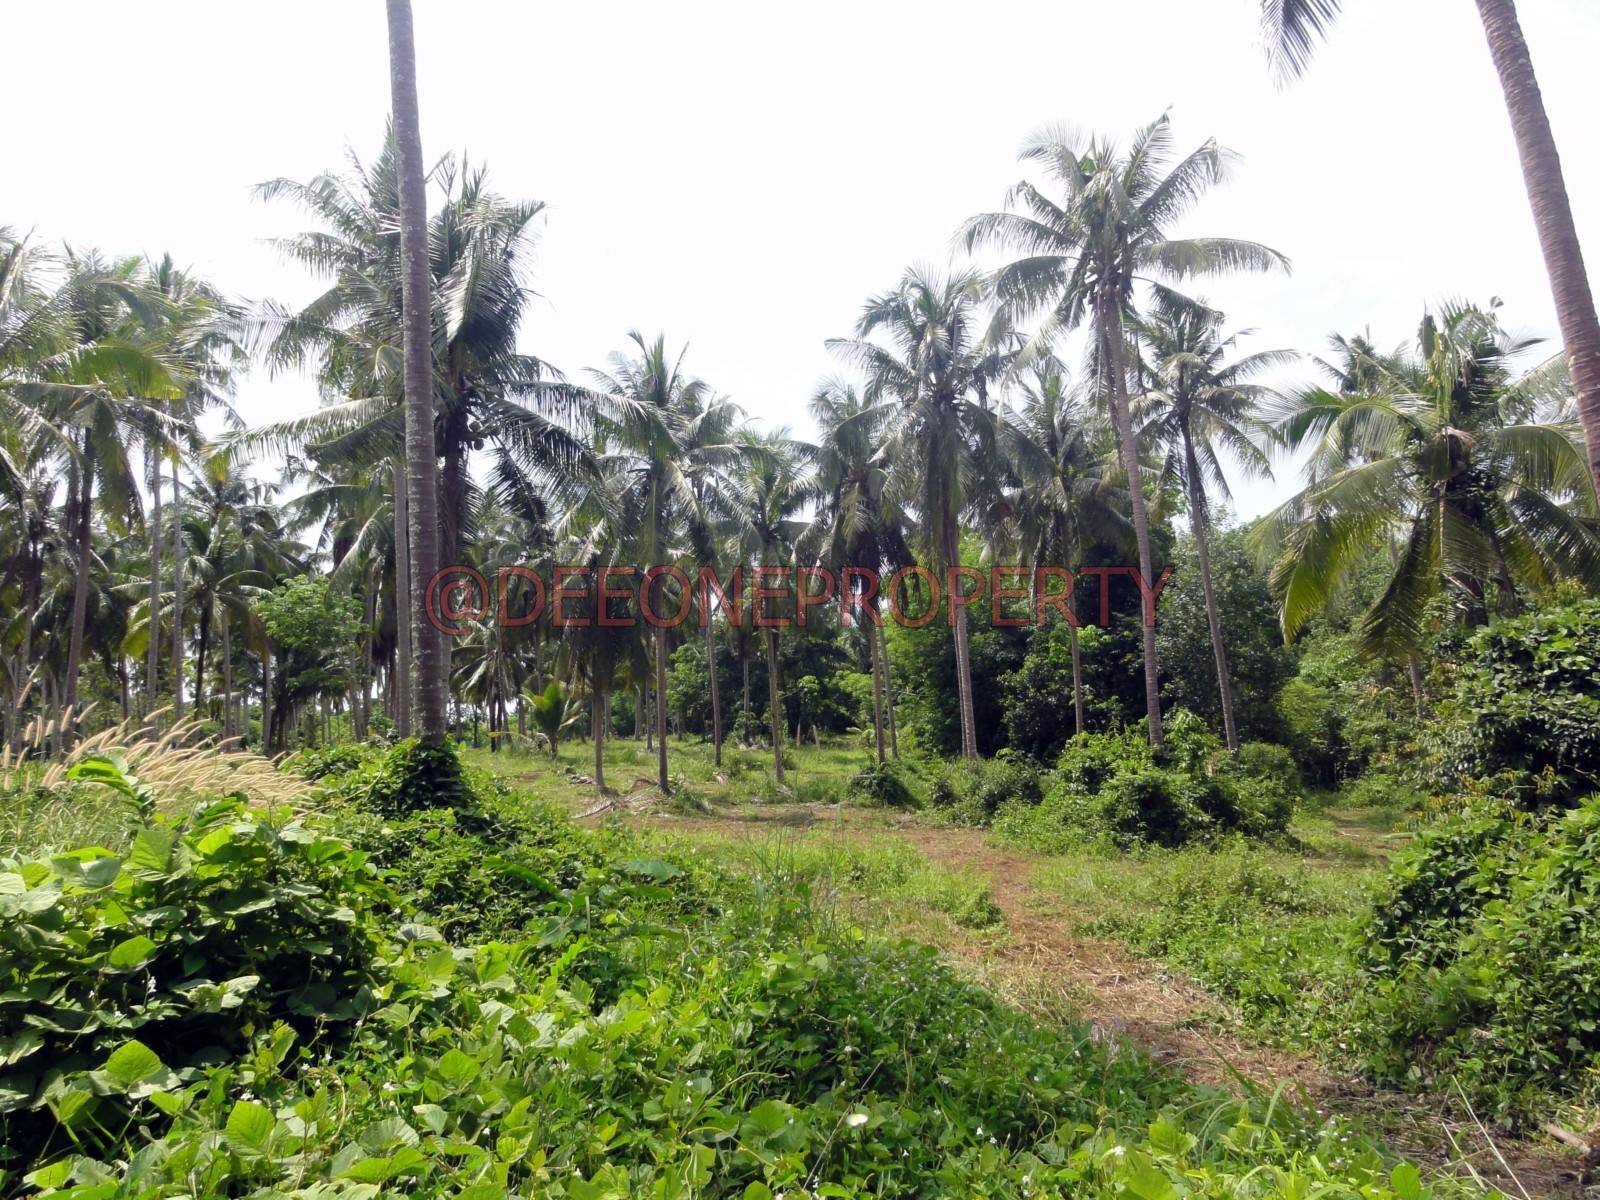 靠近海滩及码头宽带土地出售 -库德岛 (Koh Kut)